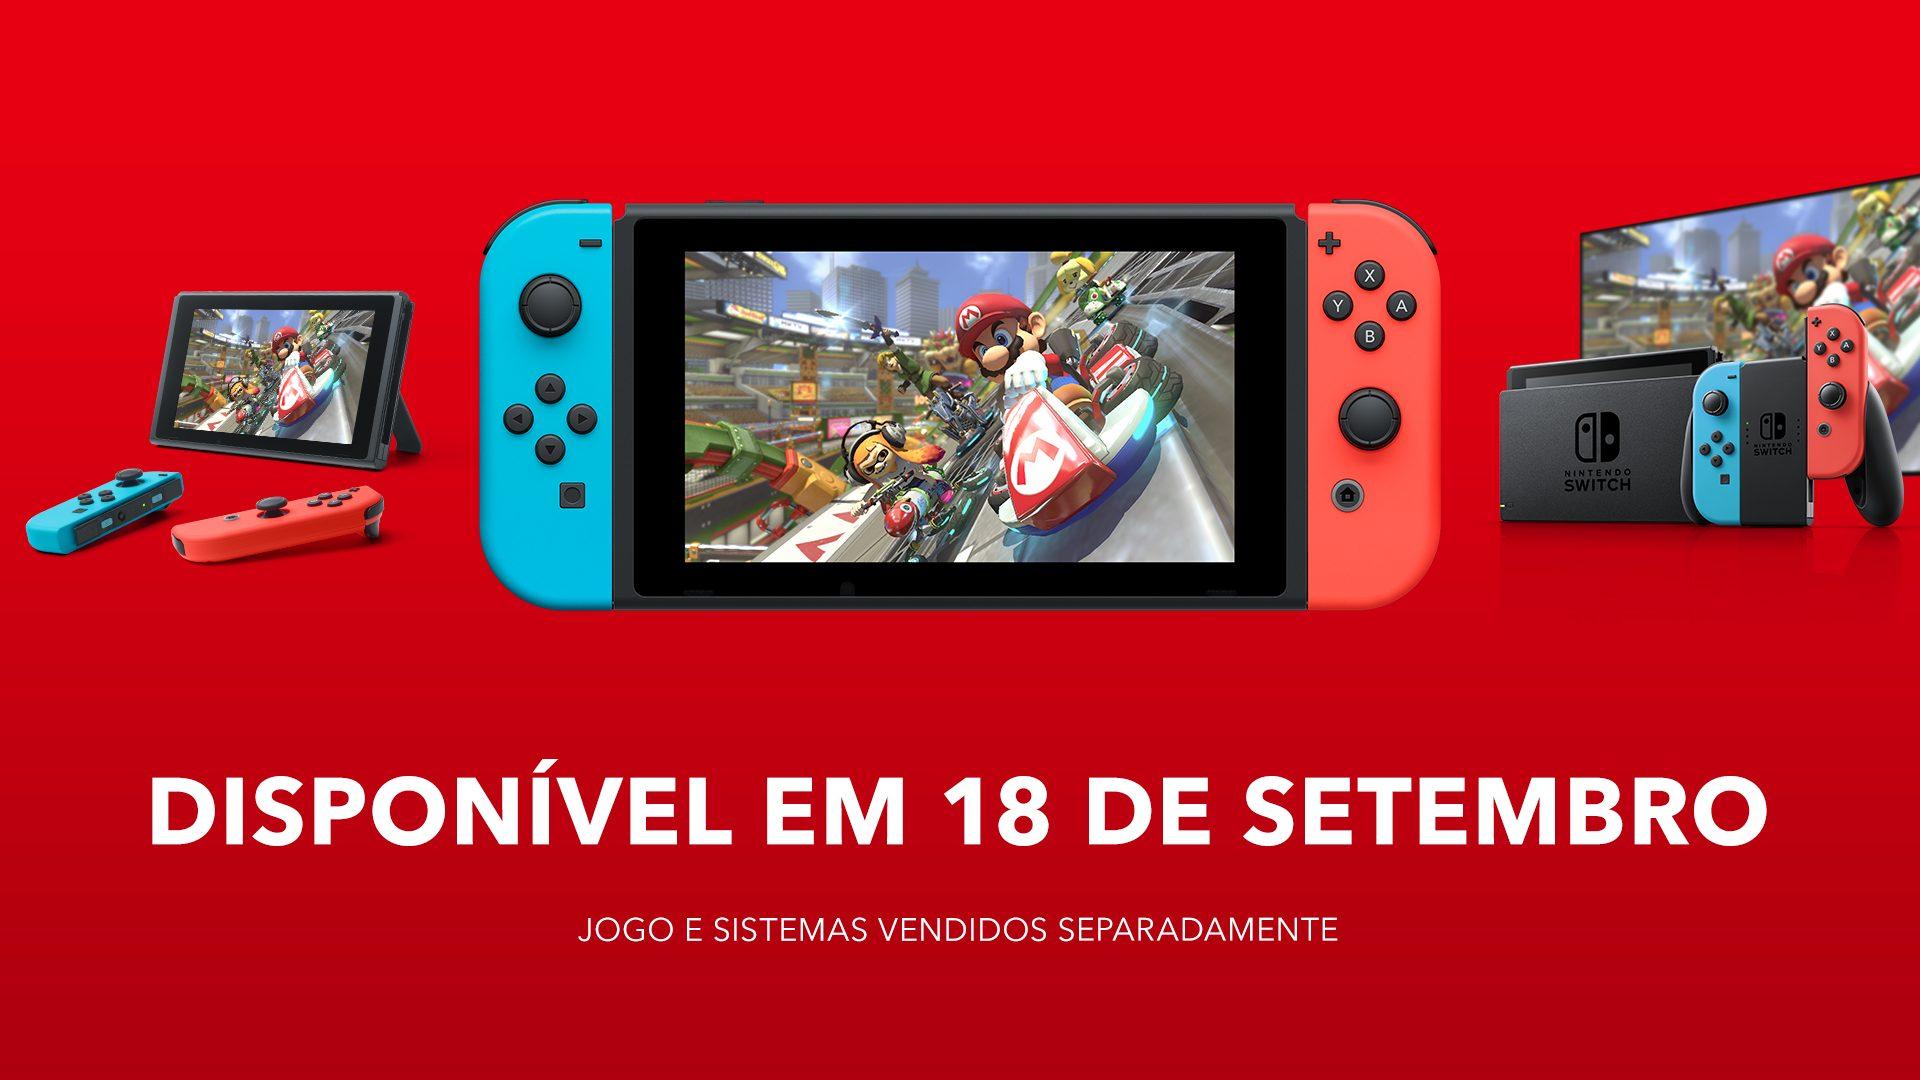 Jogos: Nintendo Switch é lançado oficialmente no Brasil por R$2.999,00